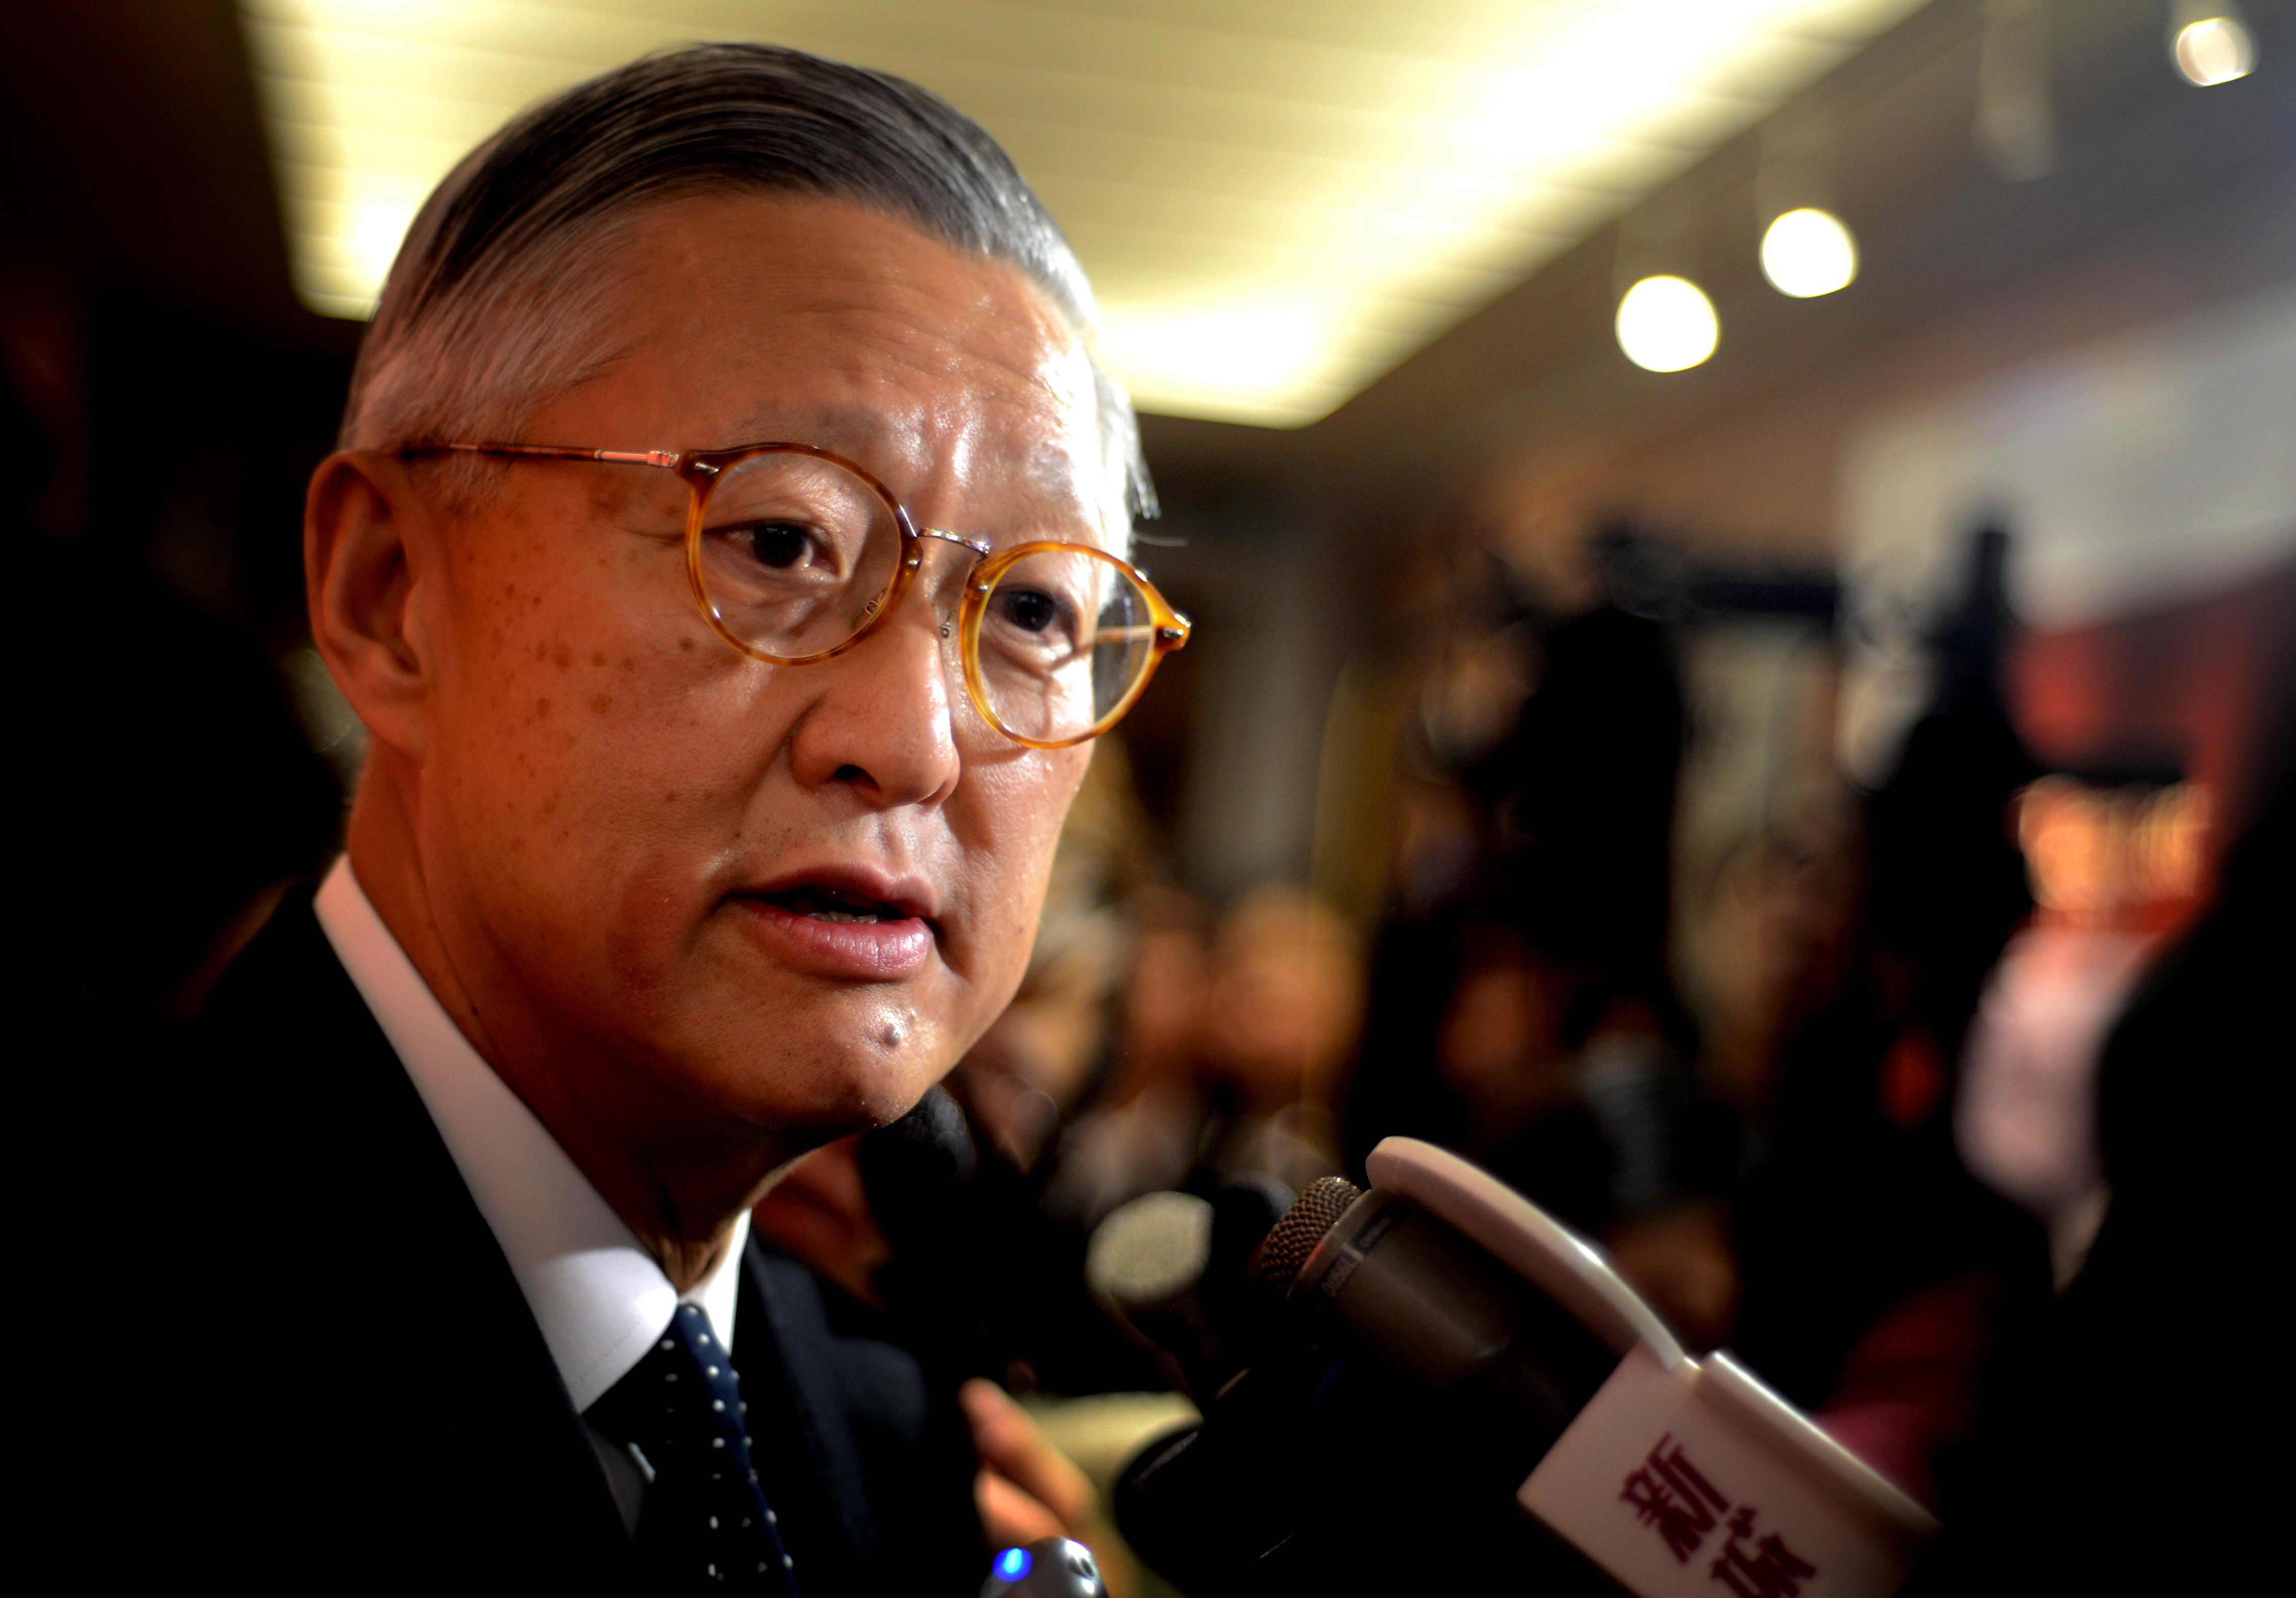 【修例风波】指法工委声明令人惊讶 李国能:港法院可判法例违基本法